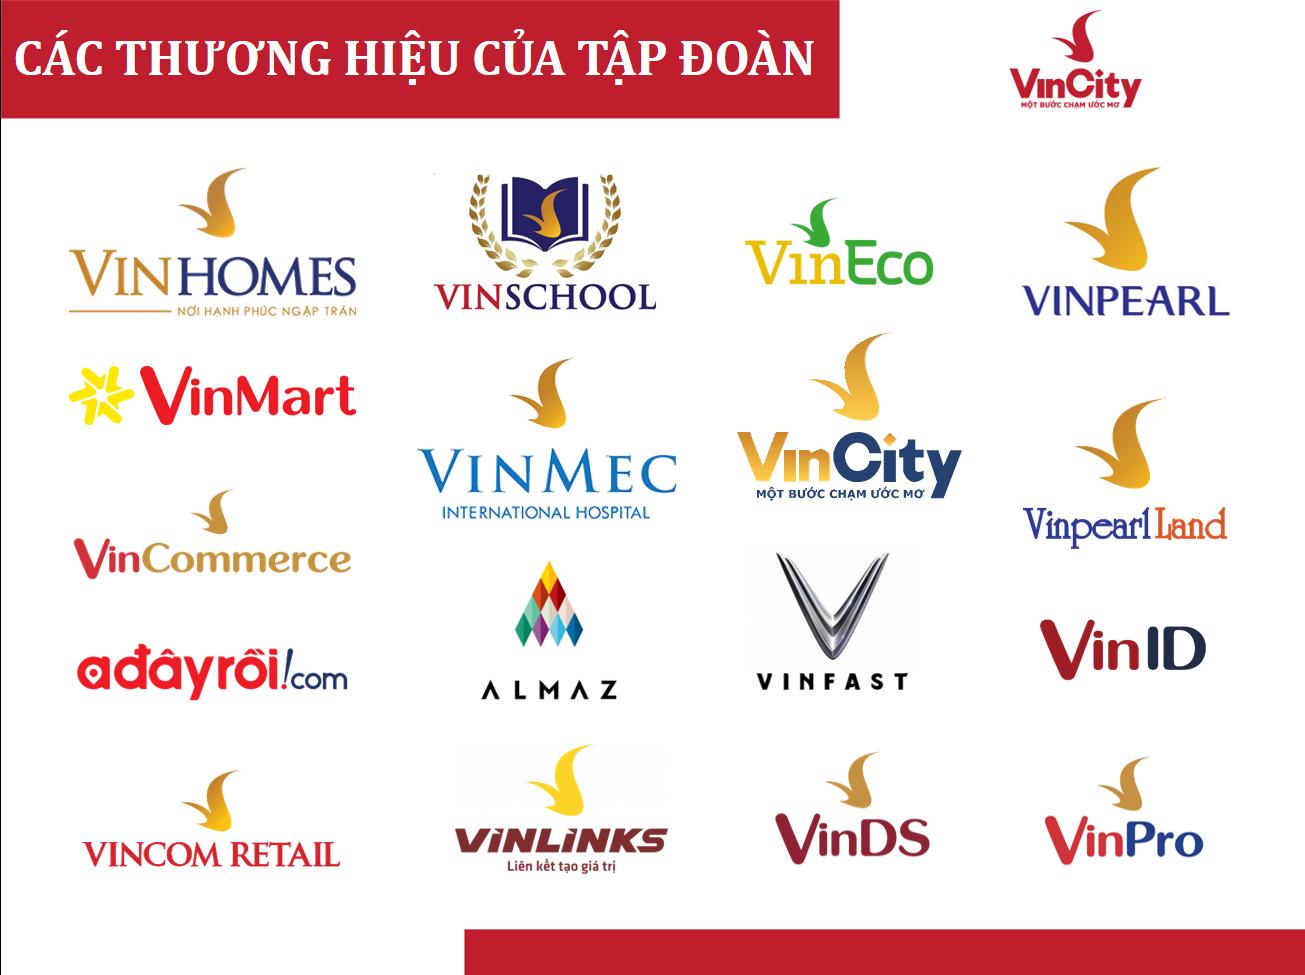 Kết quả hình ảnh cho logo Vingroup